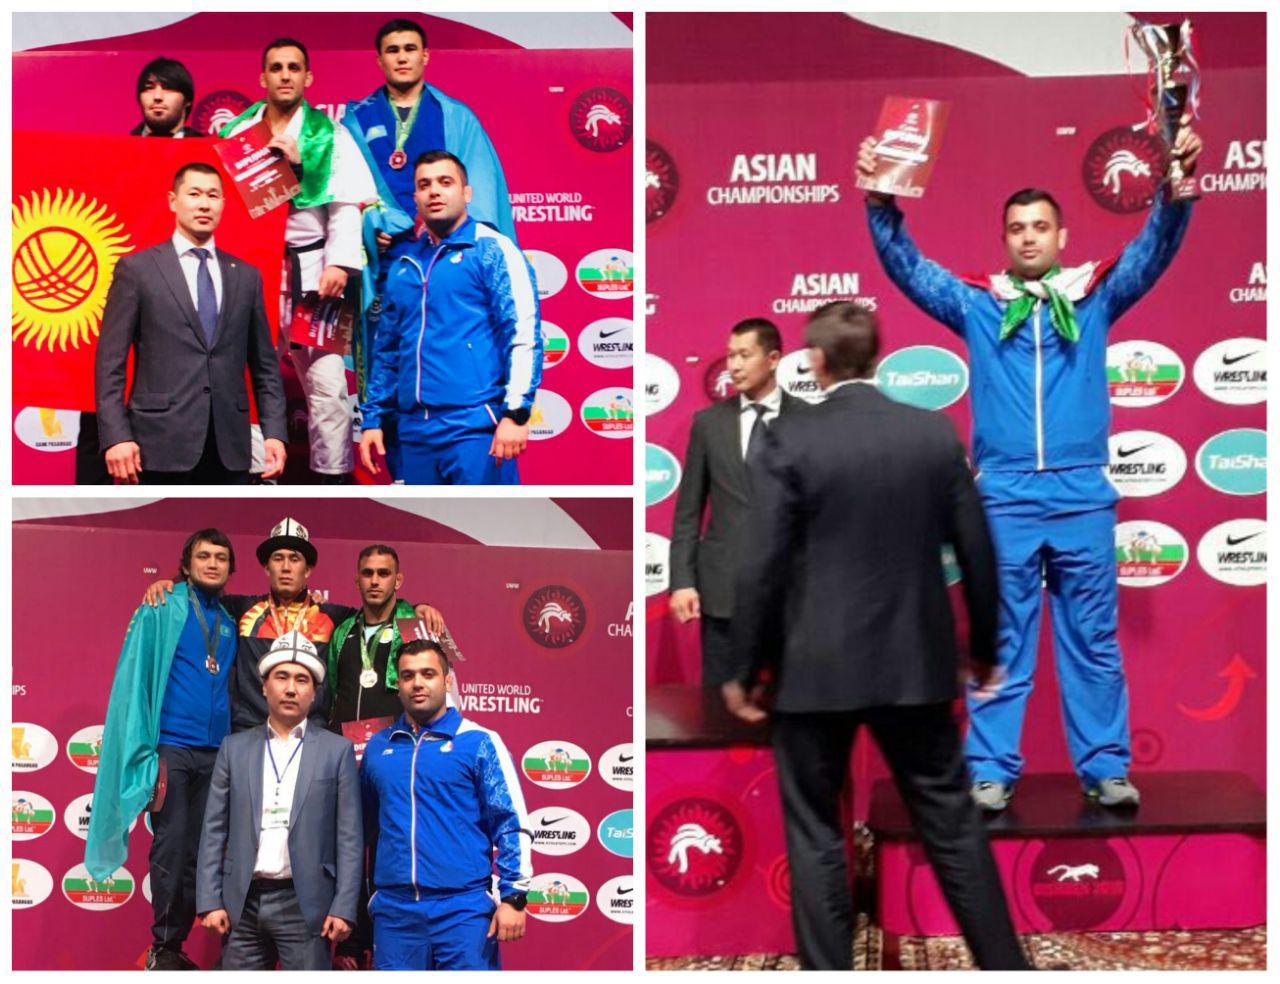 گراپلینگ قهرمانی ۲۰۱۸ آسیا/با سه مدال مازنی ها سوم شدیم